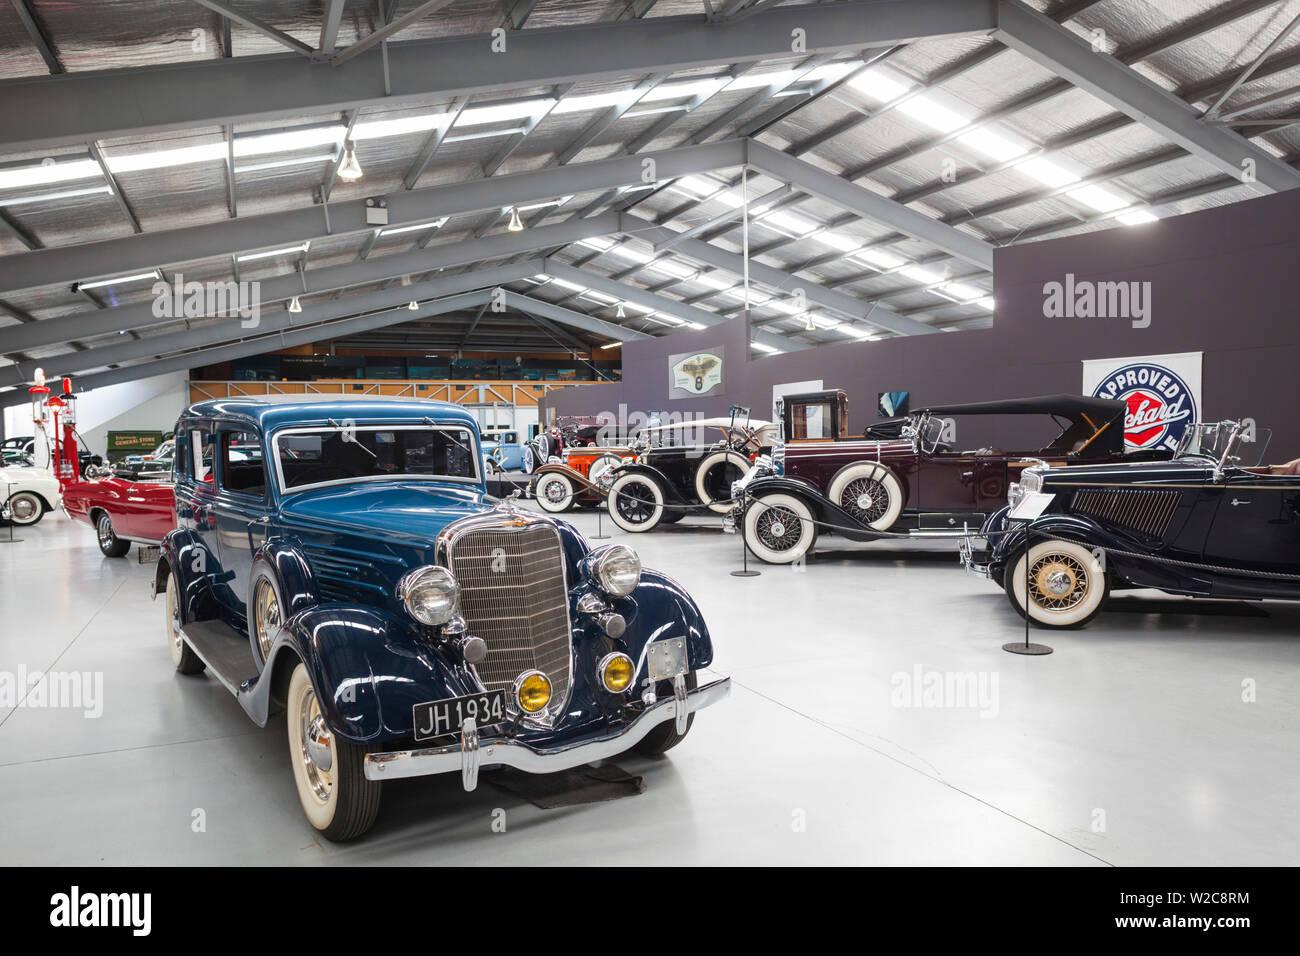 Nueva Zelanda, Otago, Isla del Sur, Wanaka, Warbirds y ruedas, Museo de autos antiguos Foto de stock